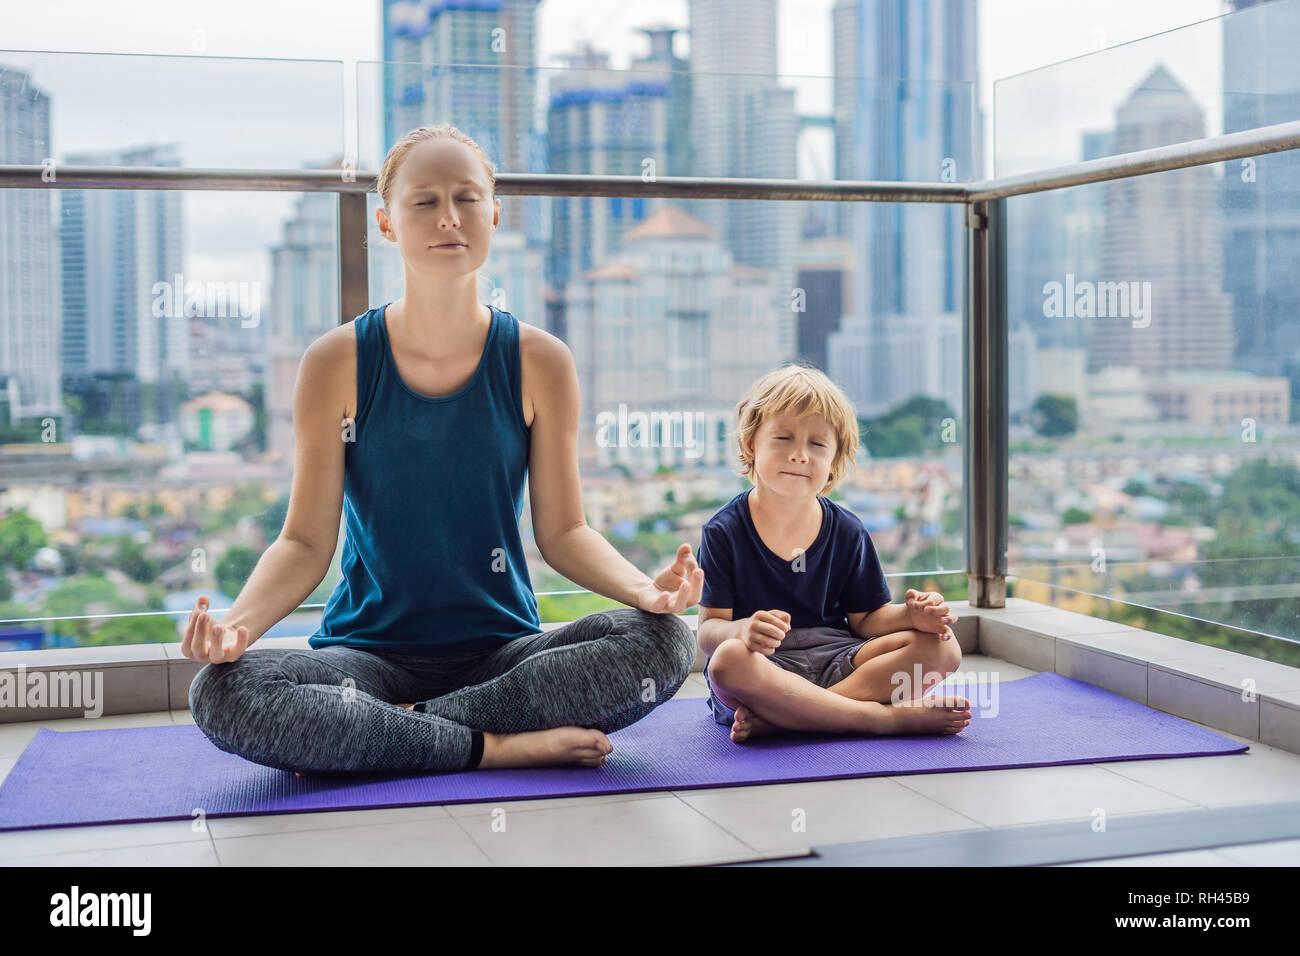 edc8edf2ae0f Madre e figlio sono la pratica dello yoga sul balcone sullo sfondo di una  grande città. Sport mom con kid facendo mattina work-out a casa. Mamma e  Bambino ...